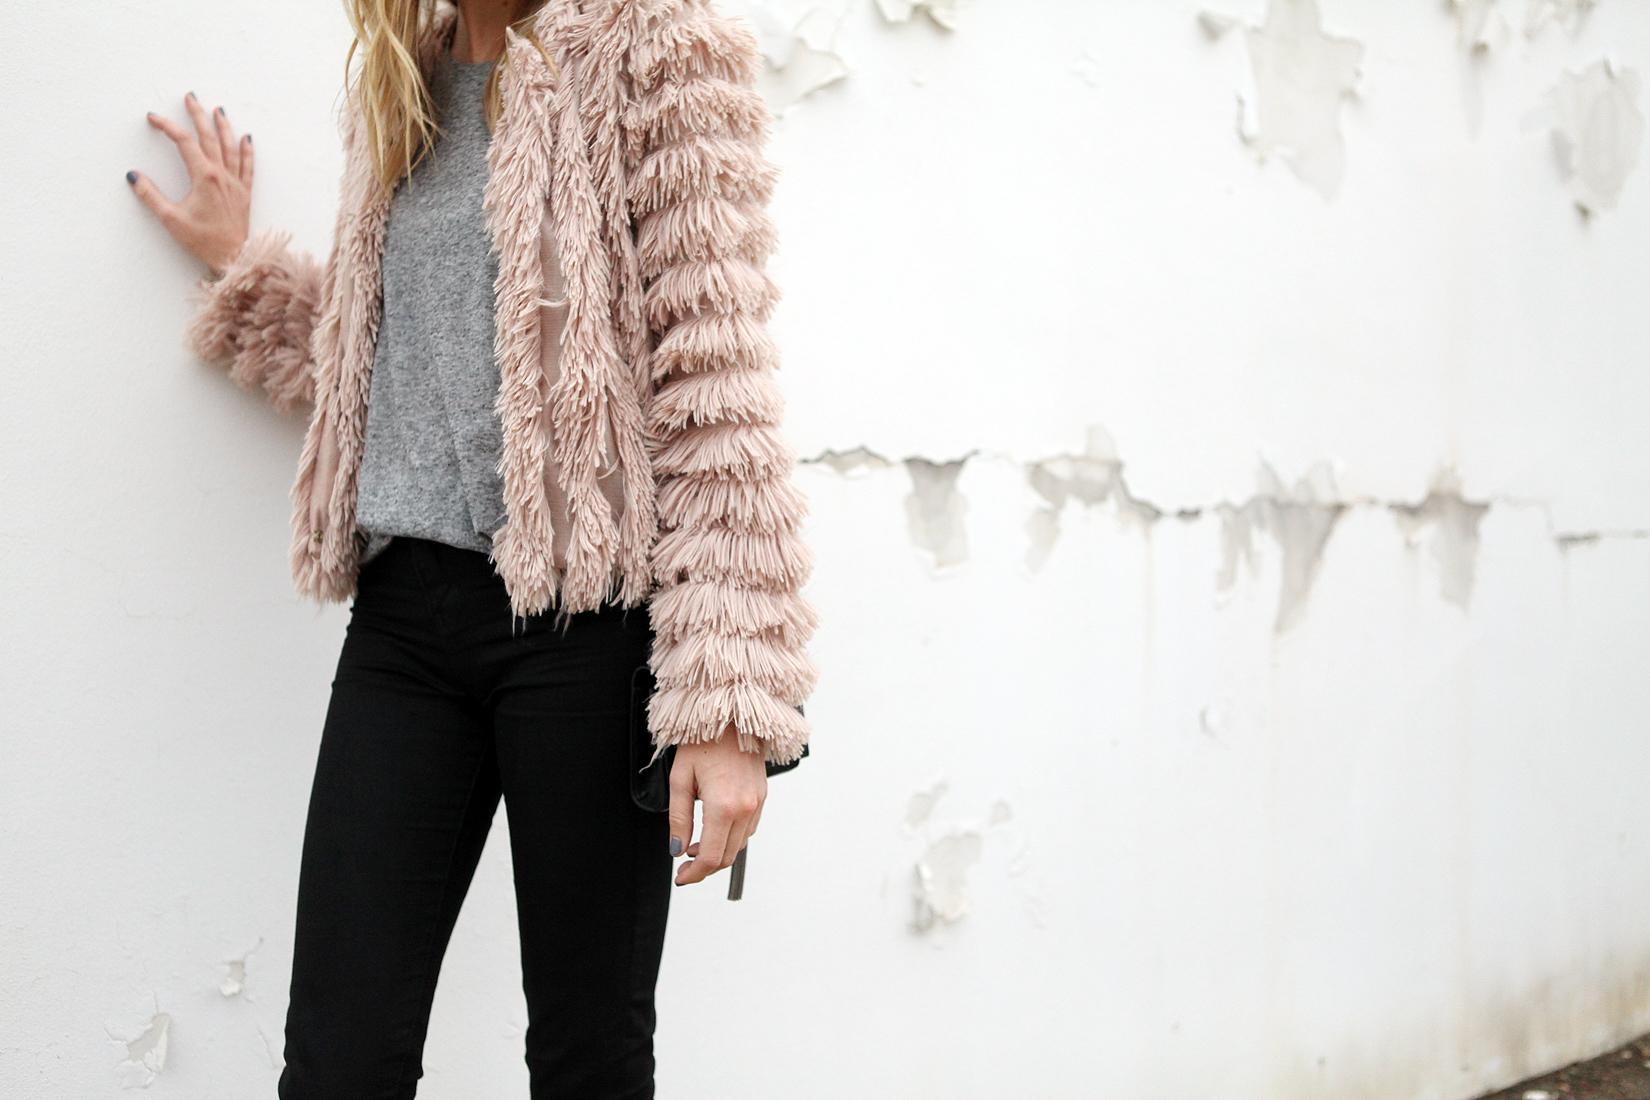 PINK FLUFFY COAT | Fashion Jackson